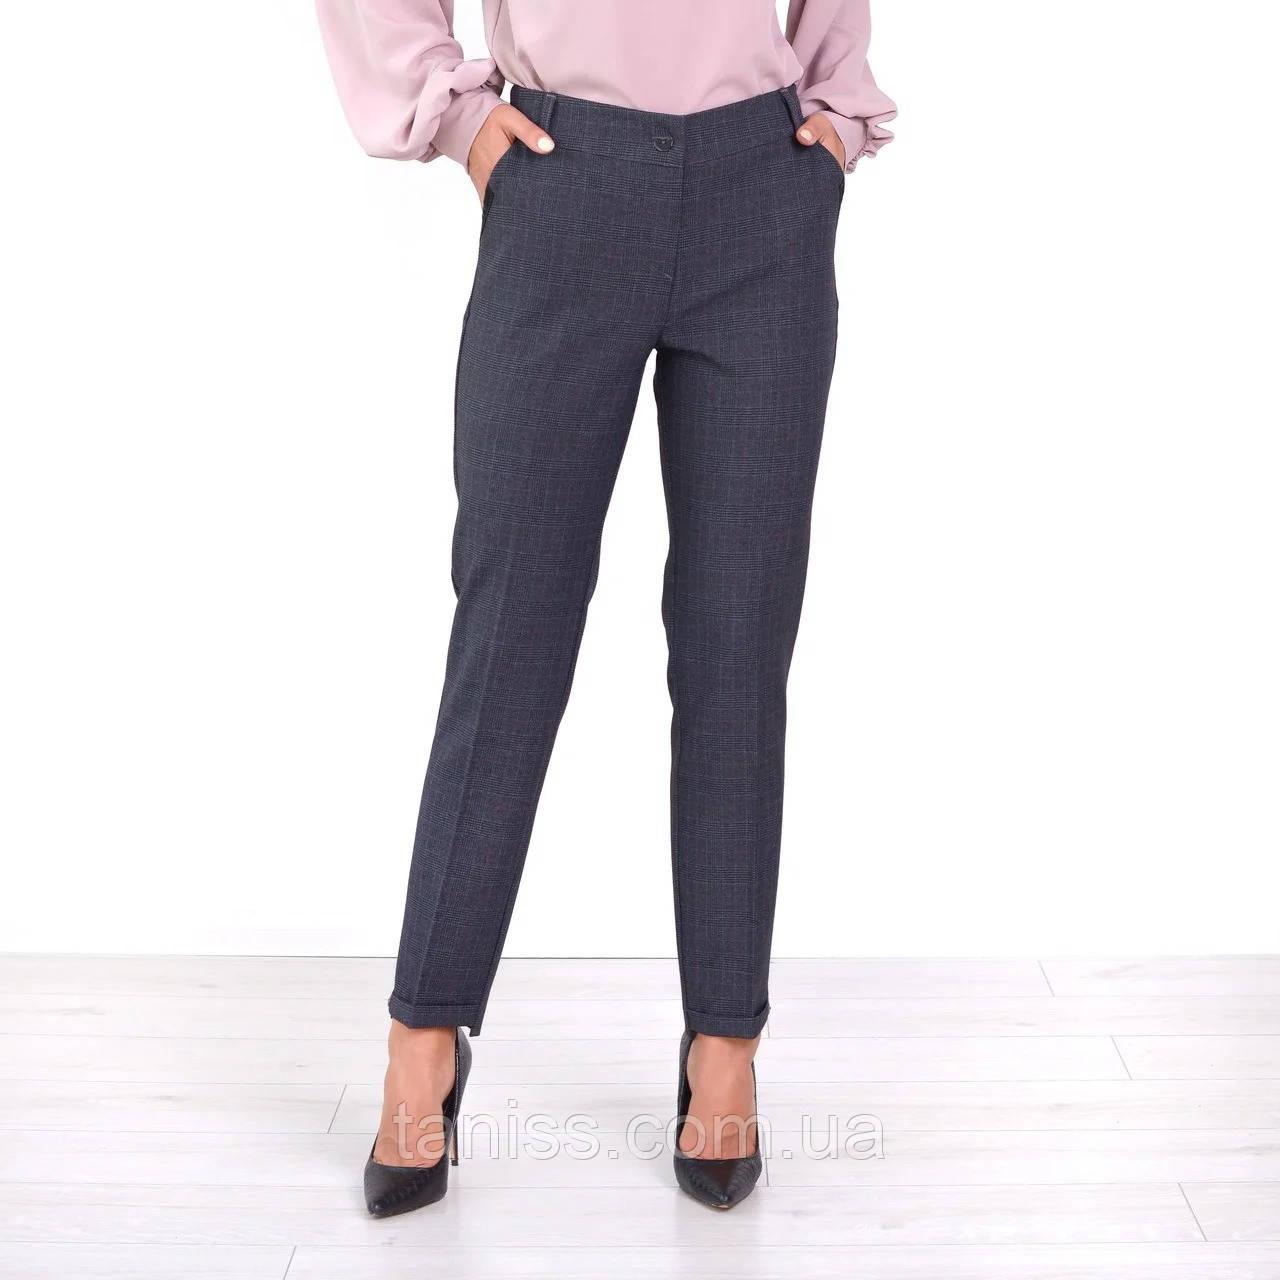 """Женские классические  брюки  """"Альмира """",ткань костюмка размеры 46,48 50,52,54,56,58, клетка № 2,брюки"""